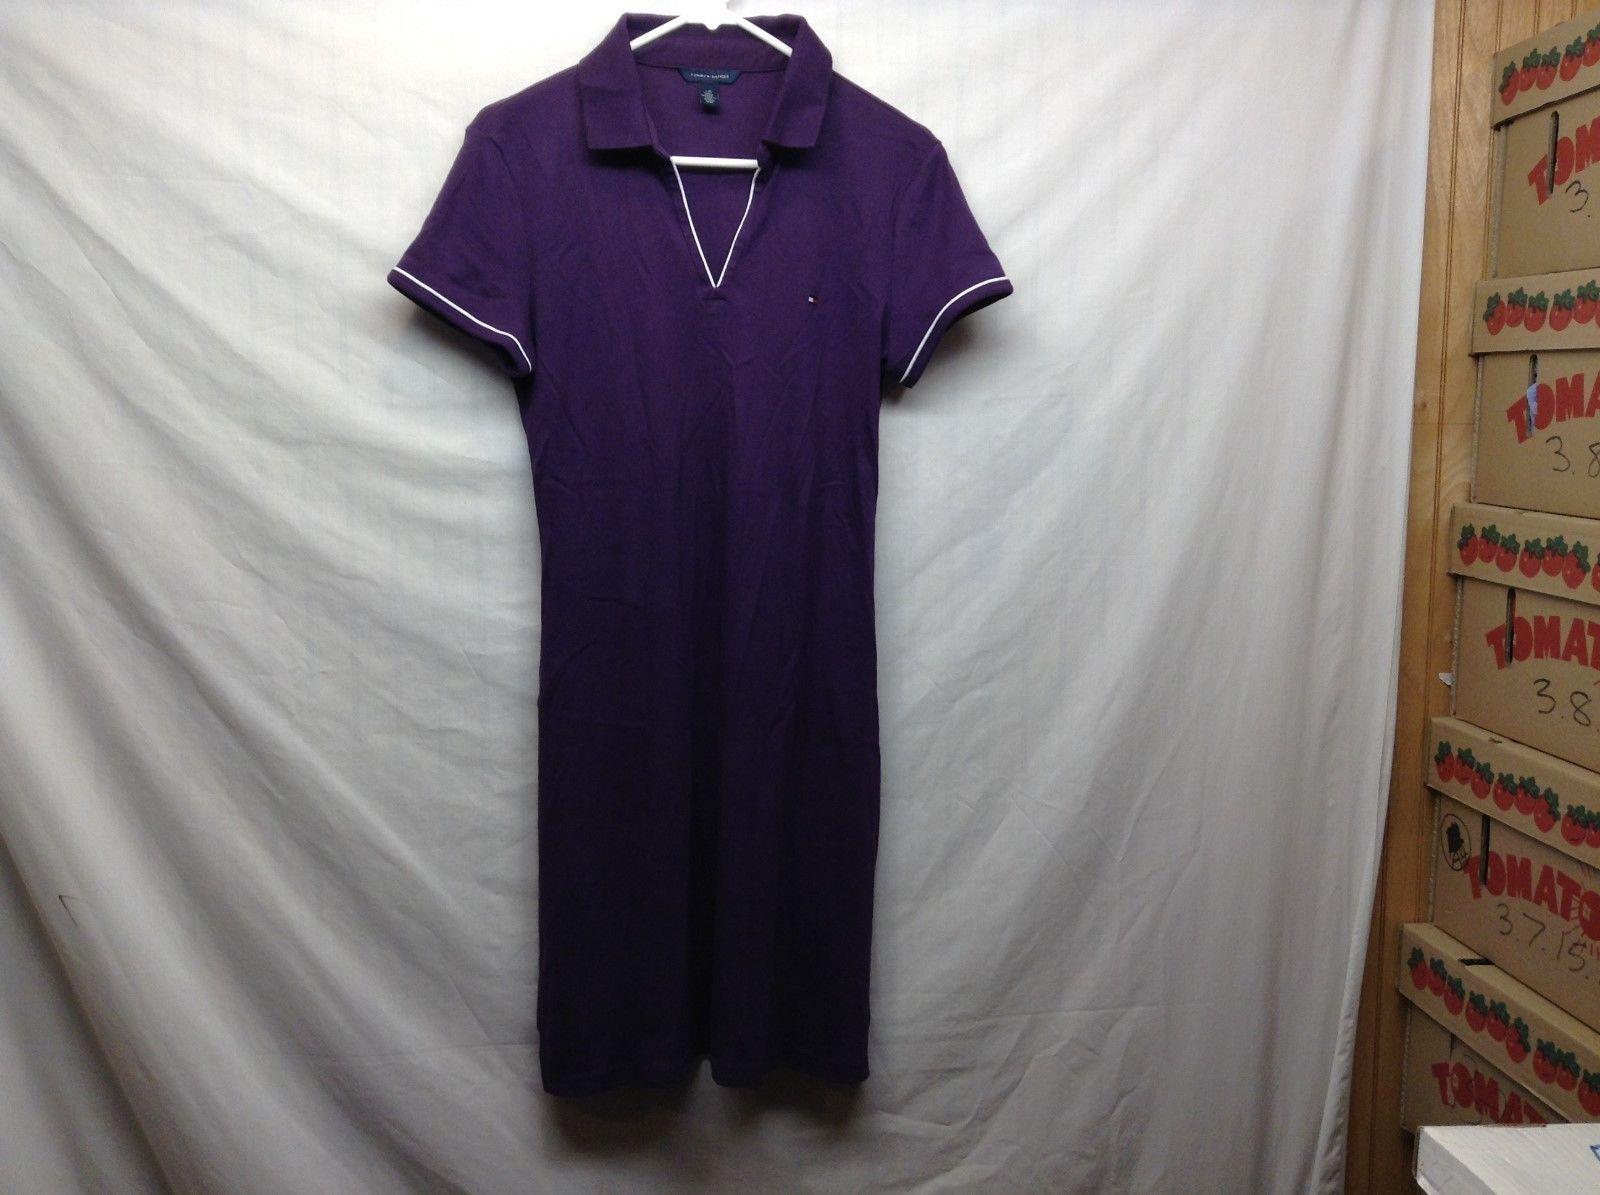 Tommy Hilfiger Purple Casual Collared Shirt-Dress Sz L